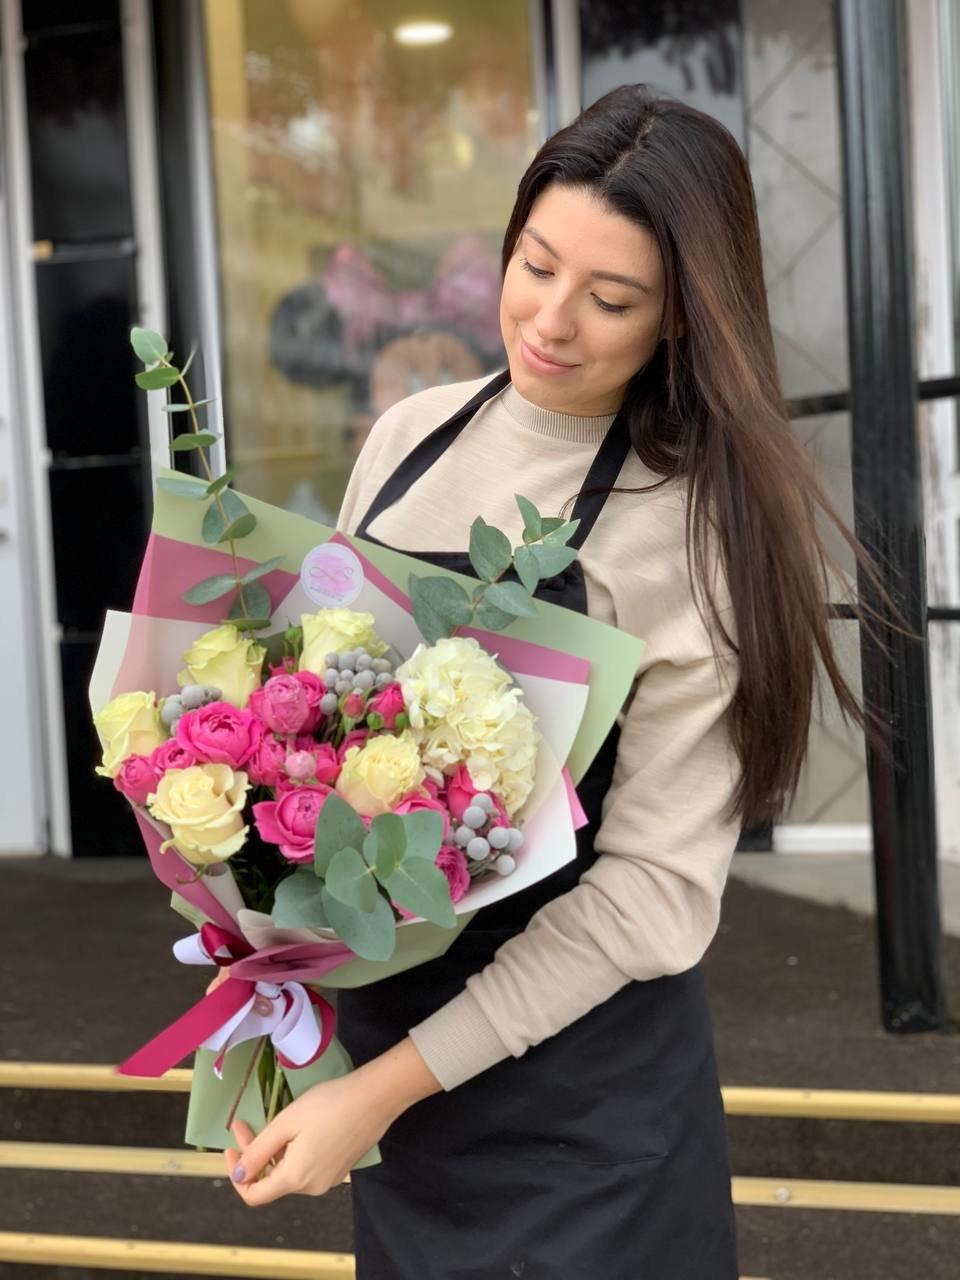 БЕСПЛАТНАЯ доставка голландских тюльпанов к вашему дому!, фото-9